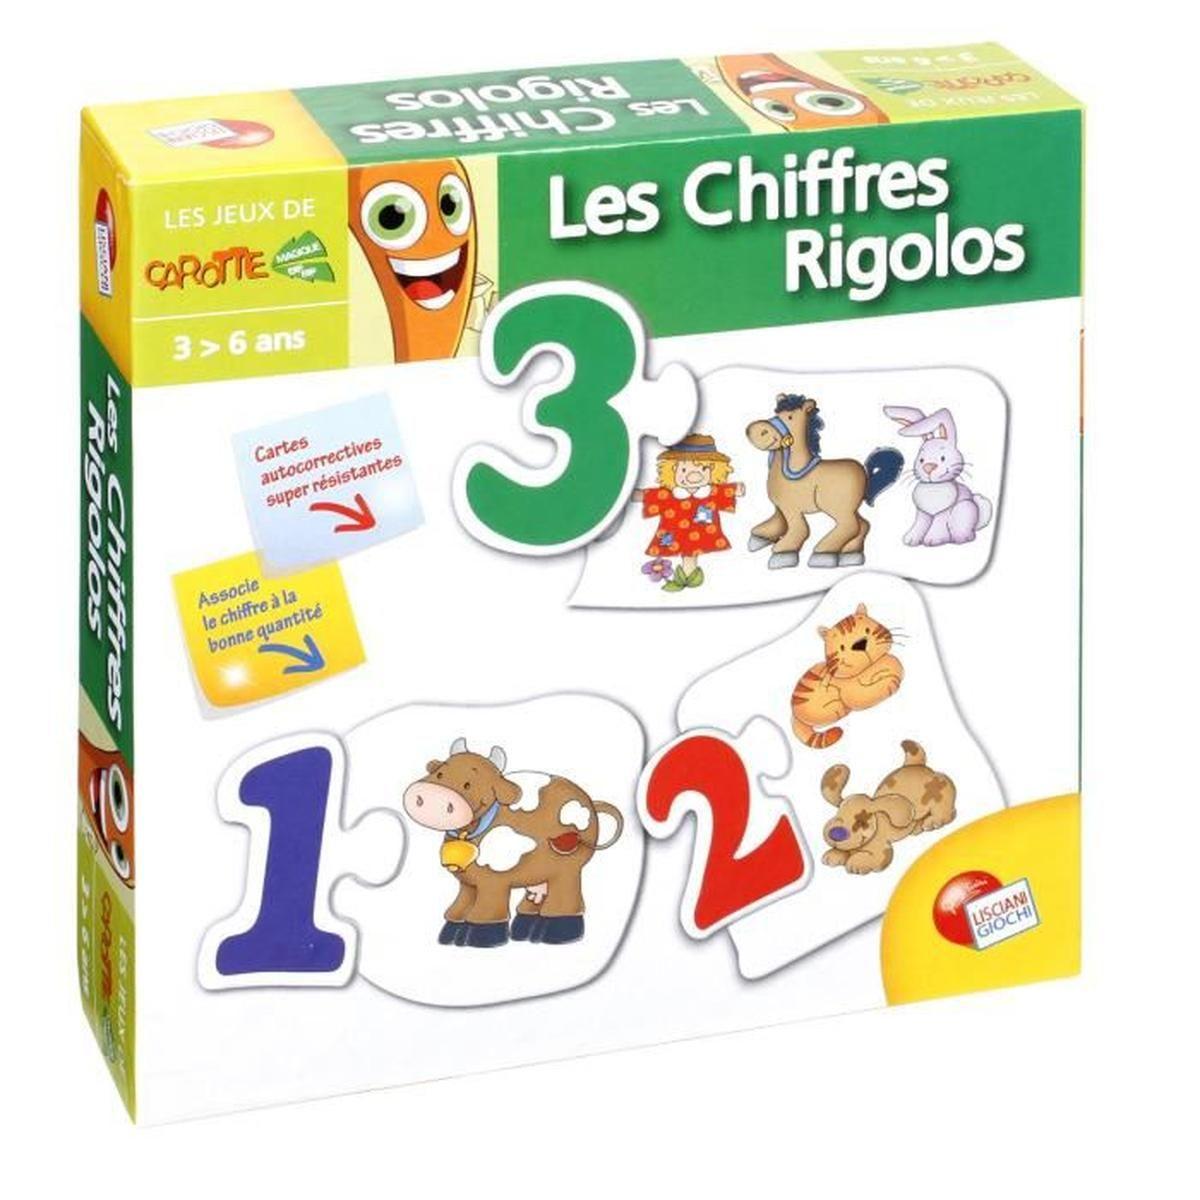 Jeu Éducatif Puzzle Mes 1Ers Mots - Les Chiffres Rigolos serapportantà Les Jeux Educatif